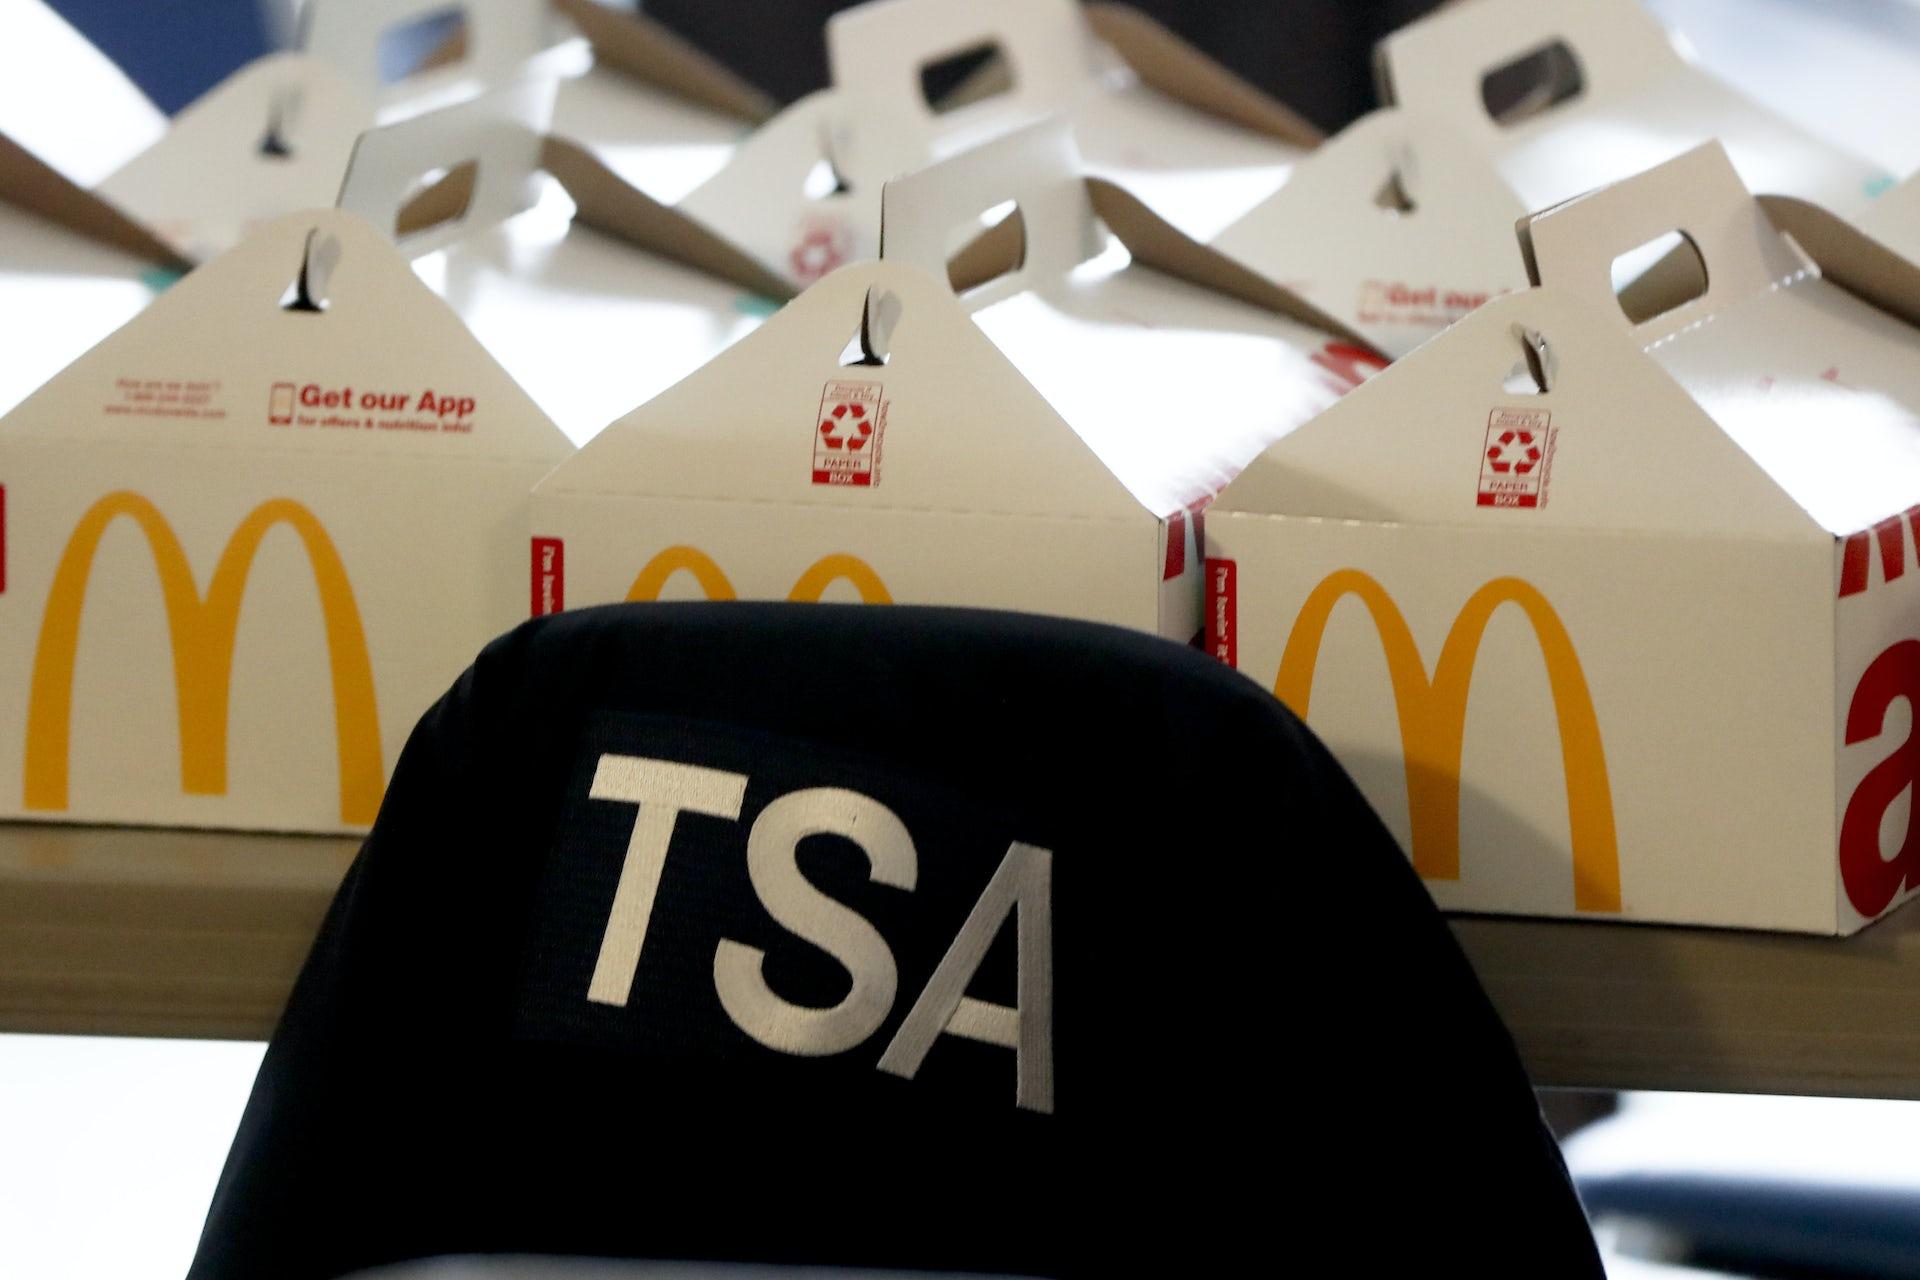 How to show gratitude to TSA workers